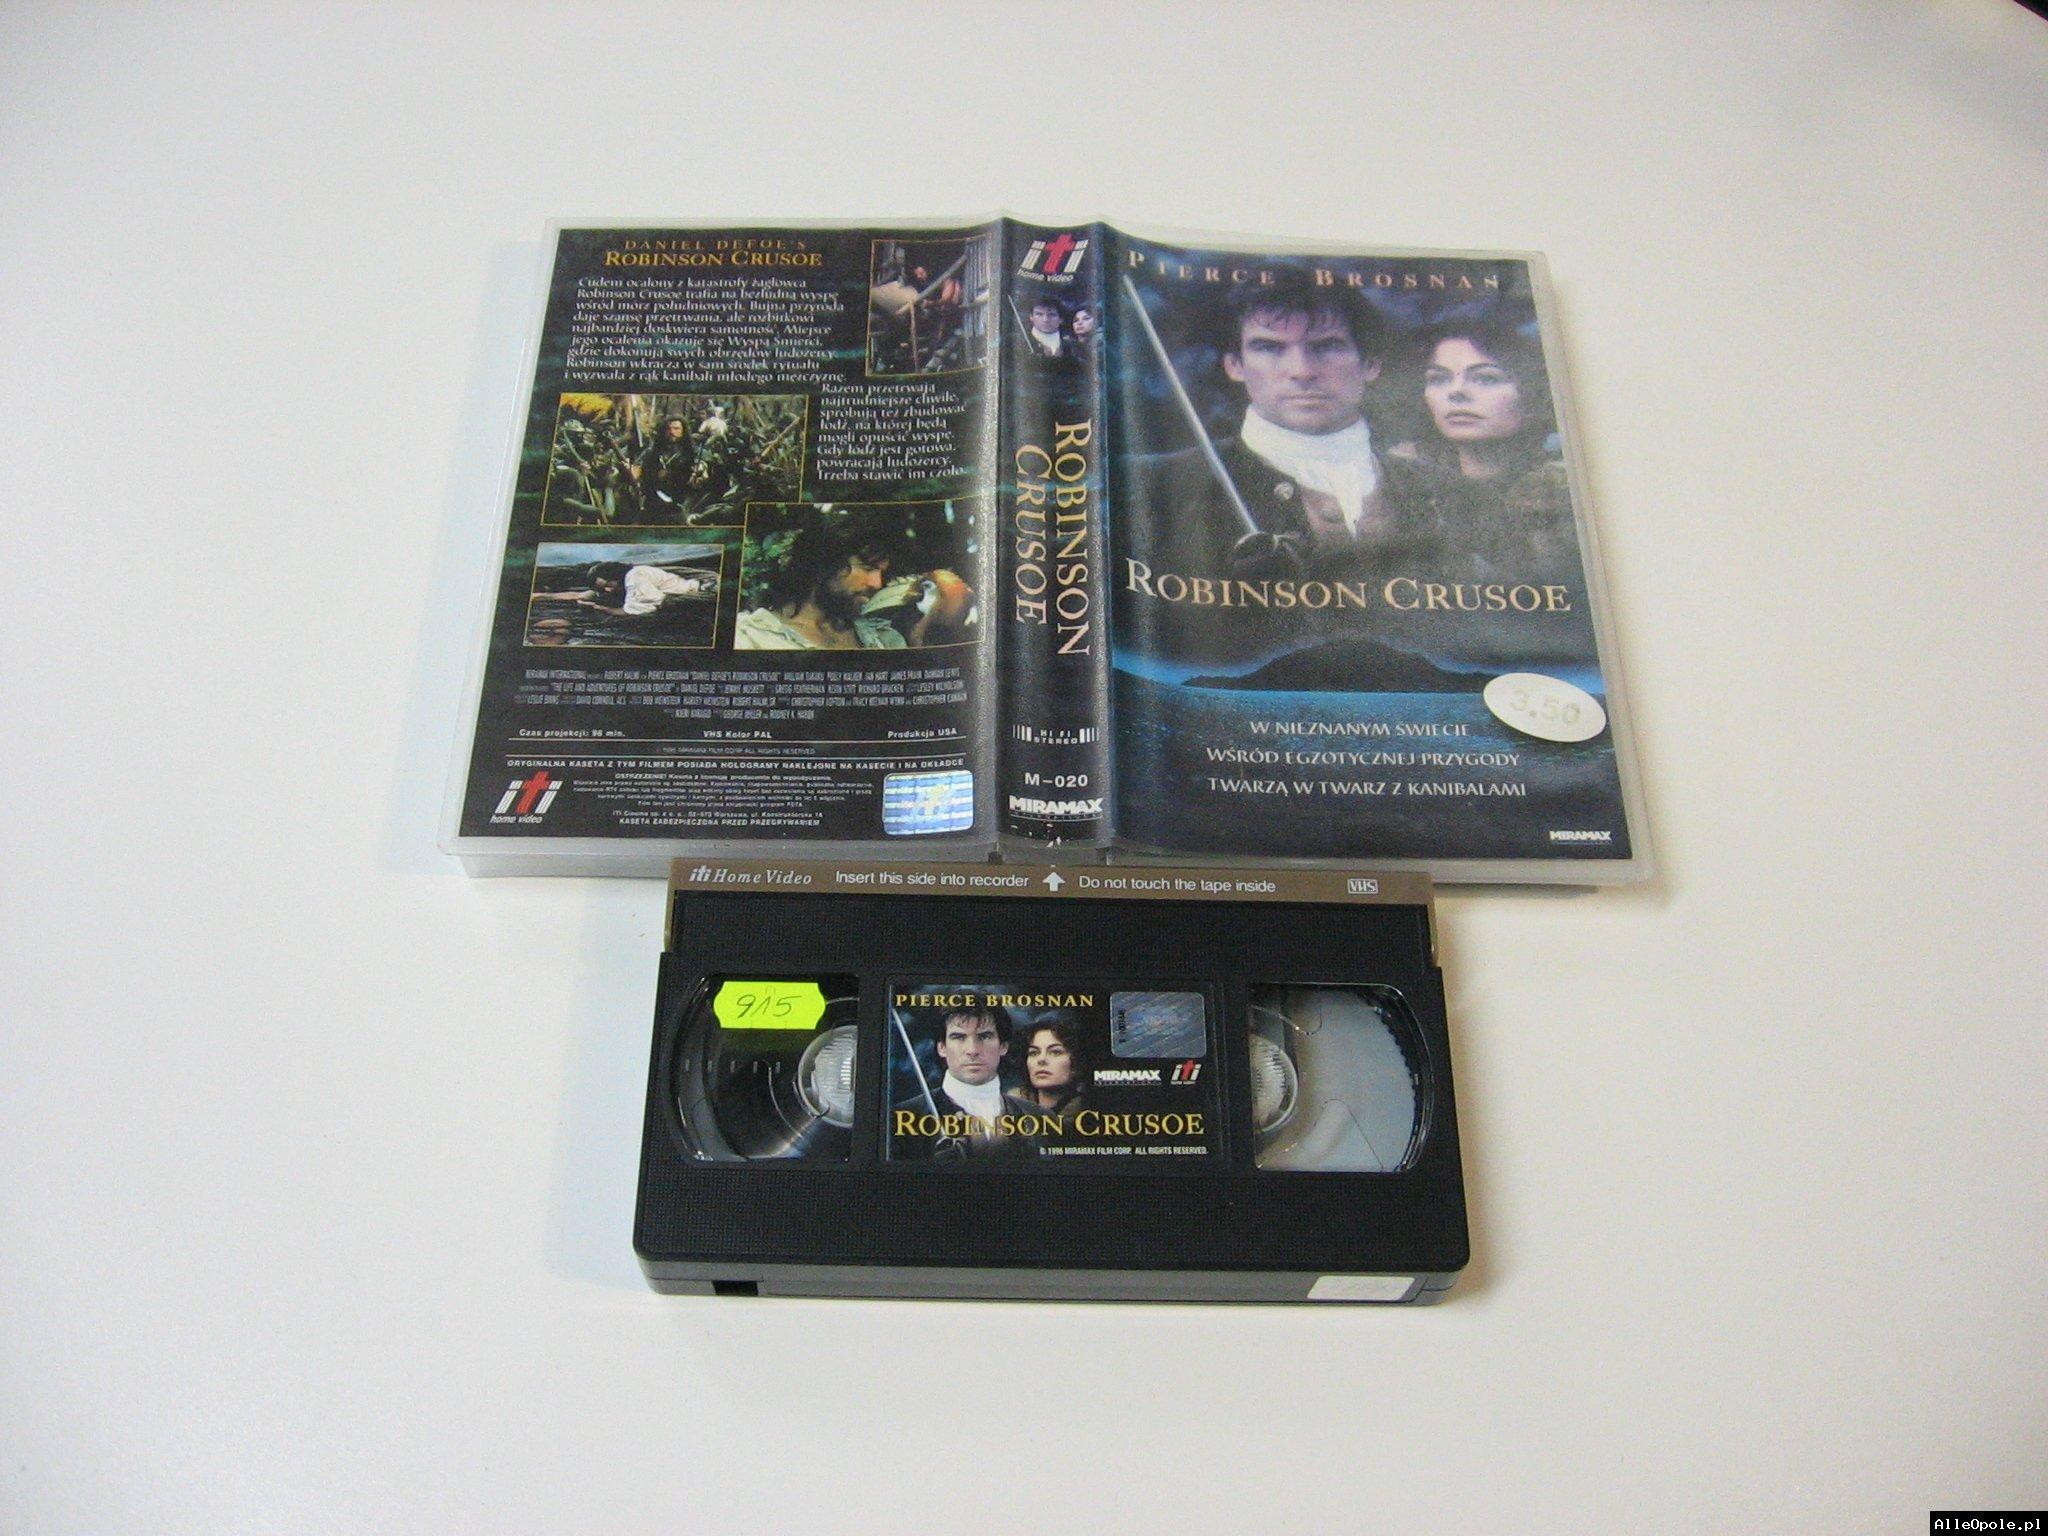 ROBINSON CRUSOE - VHS Kaseta Video - Opole 1761